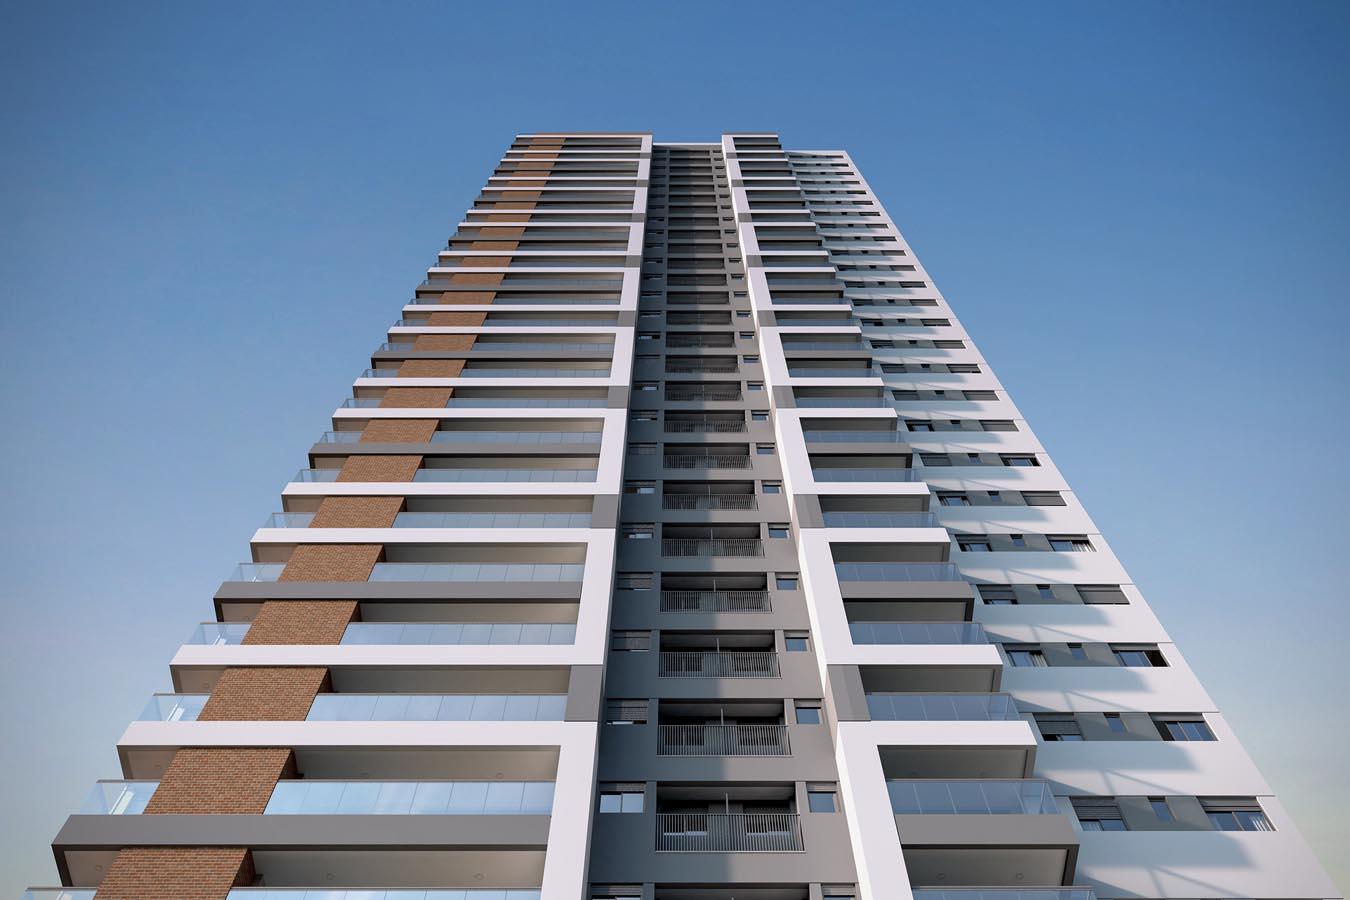 Perspectiva ilustrada da fachada